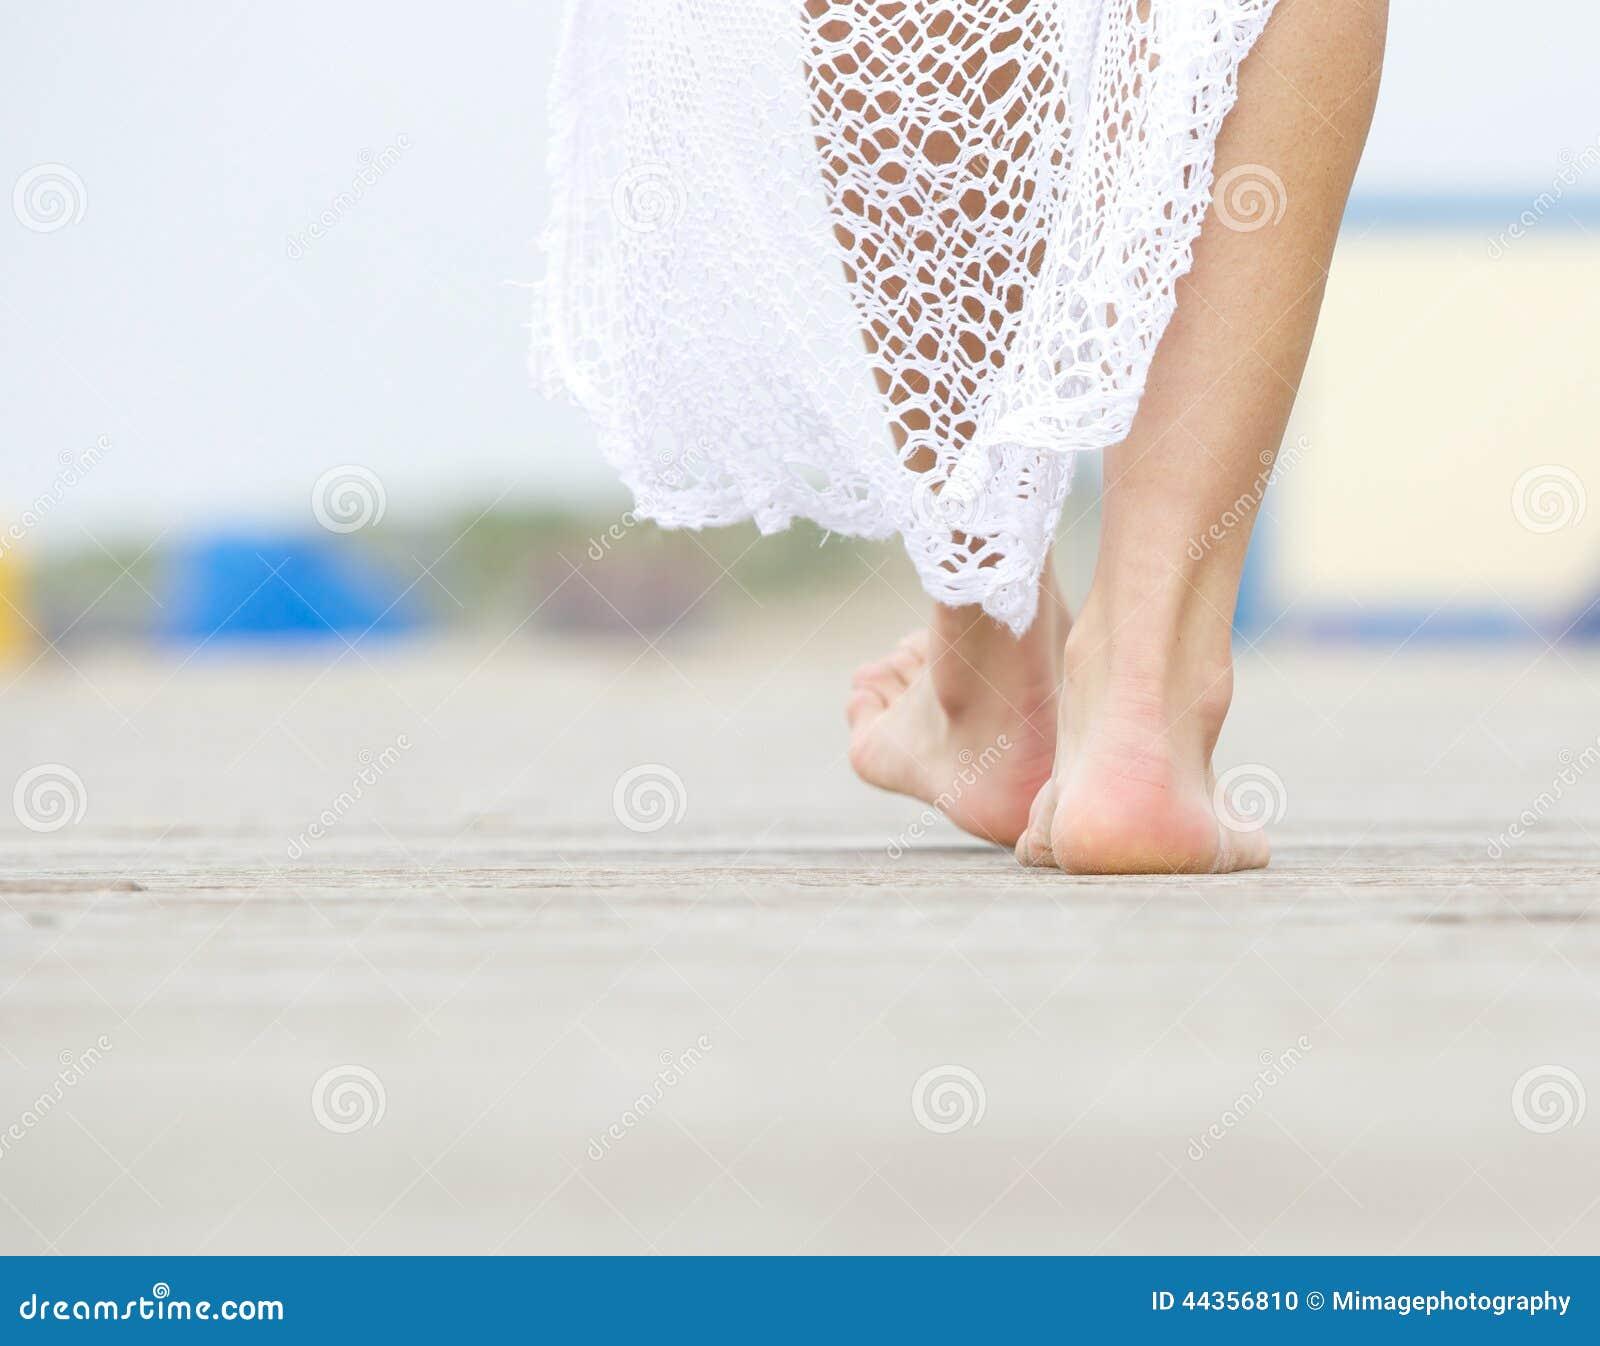 Fine di retrovisione sulla femmina che cammina a piedi nudi